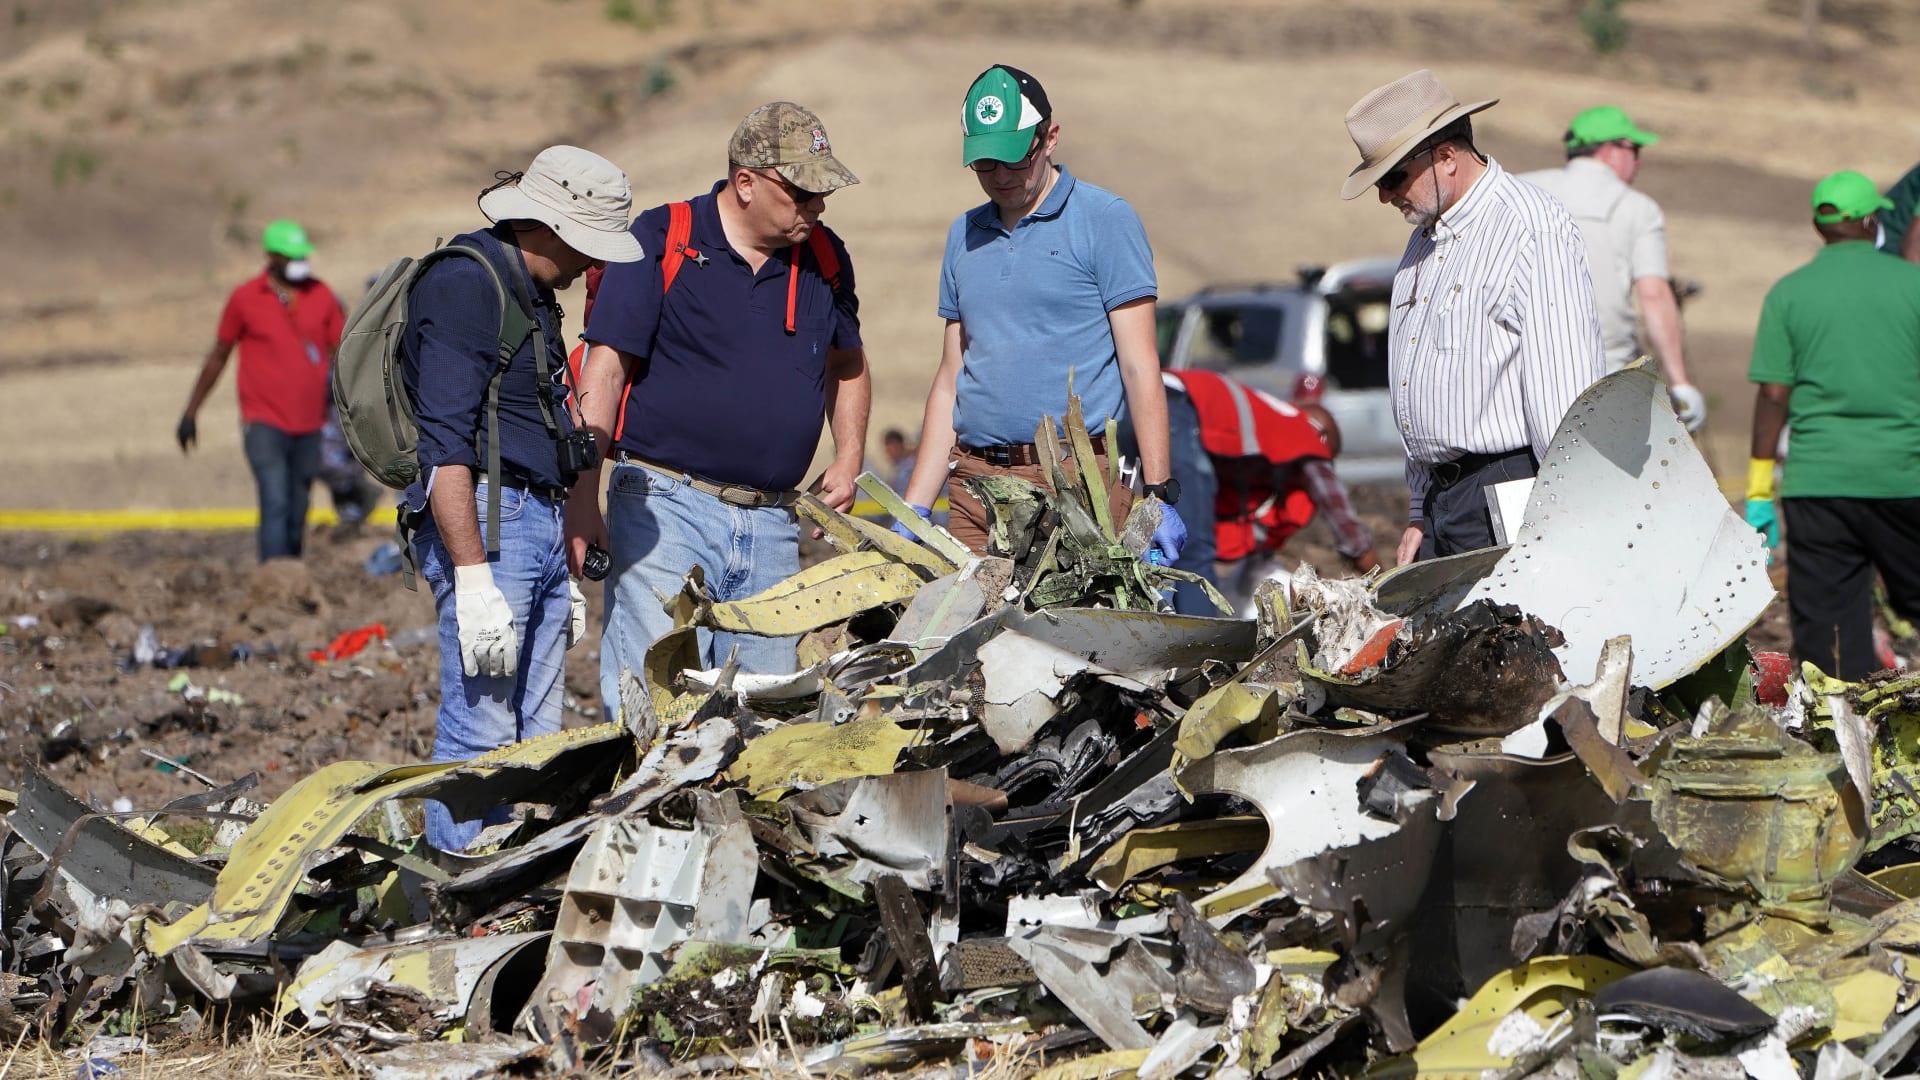 حادثان في 6 أشهر.. ماذا يجب أن تعرفه عن بوينغ 737 ماكس؟